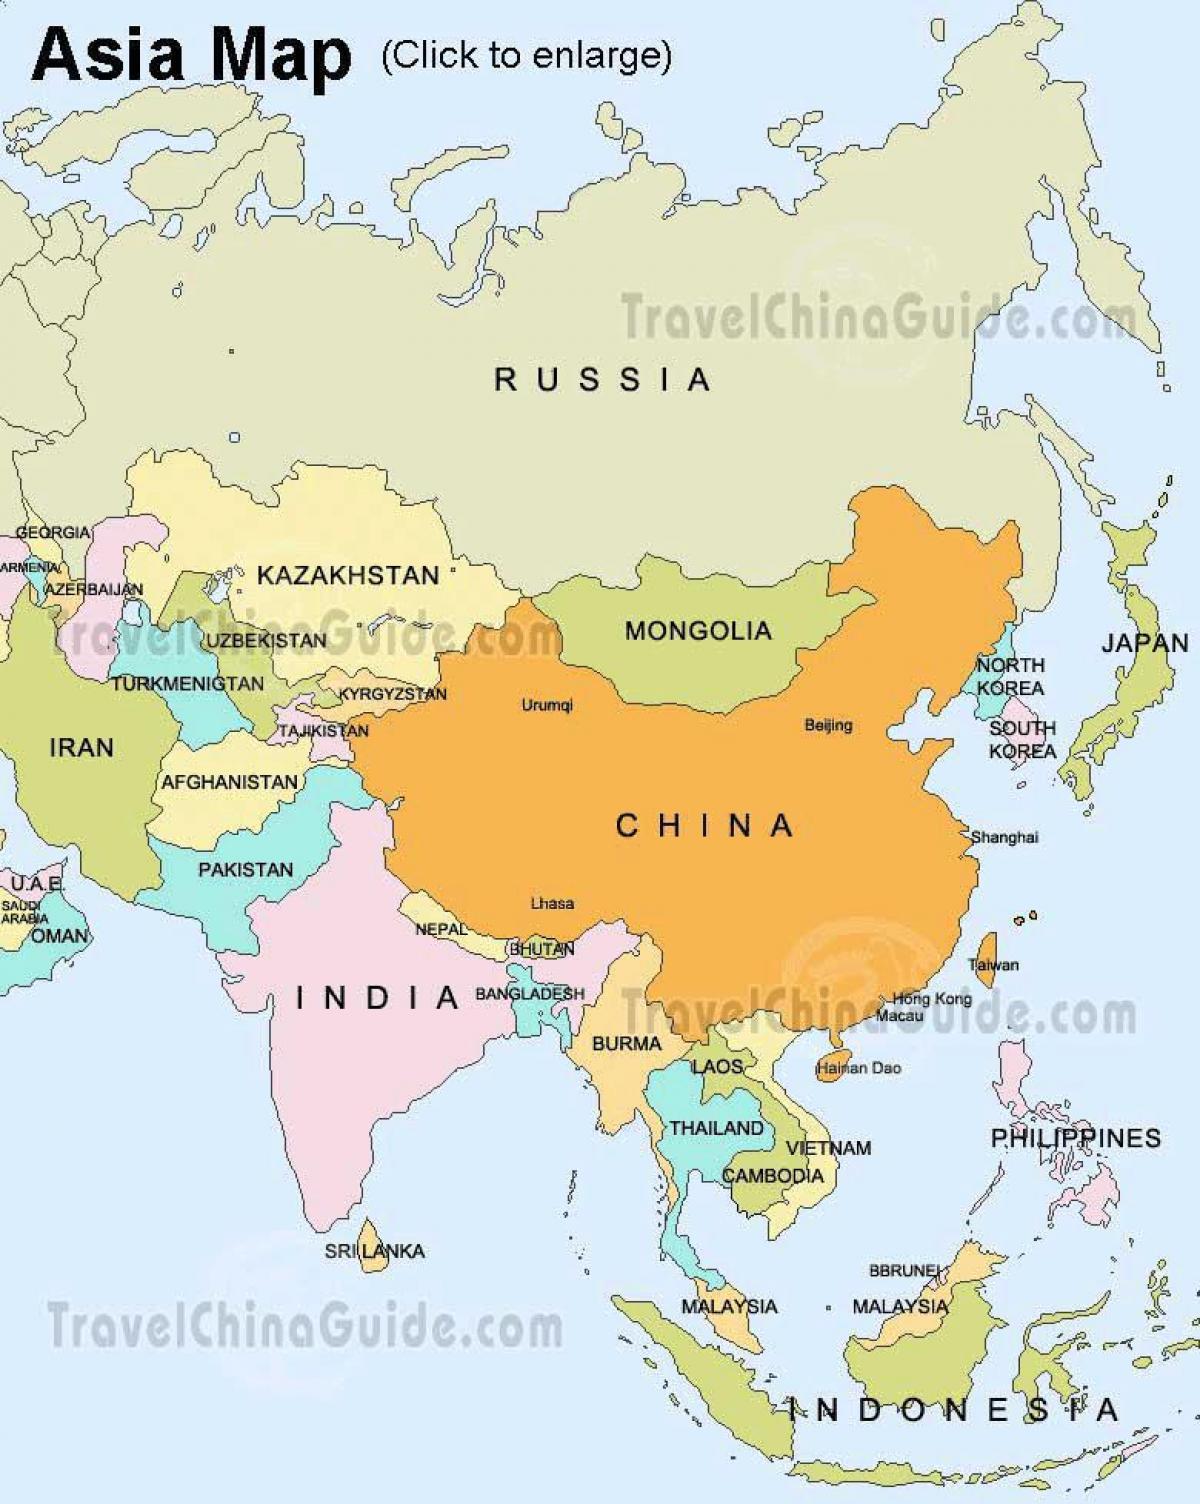 Karta Iz Rusije I Azije Rusija Aziji Mapu Istocne Evrope Evropi